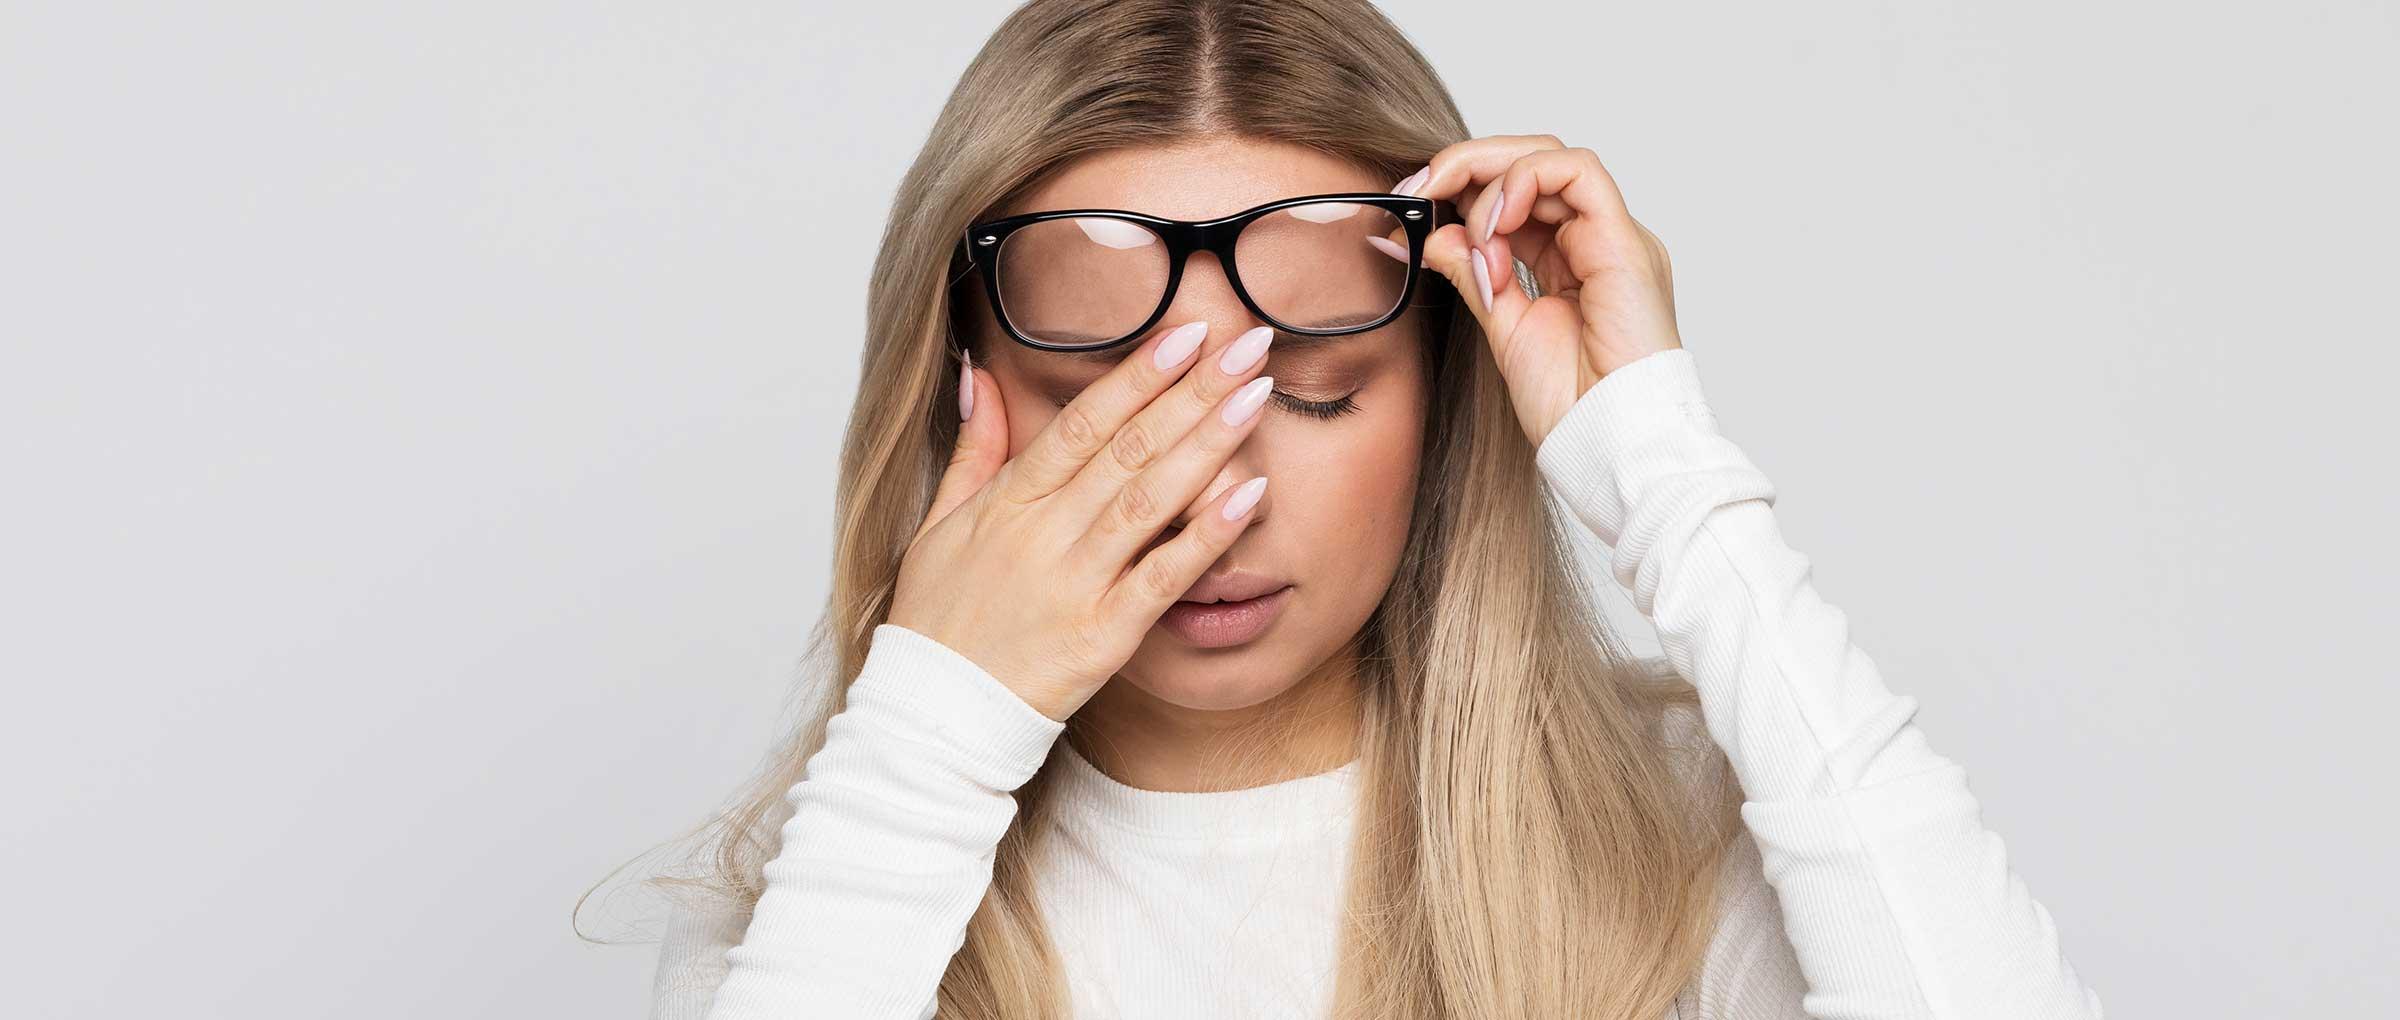 Revisión óptica durante la gestación